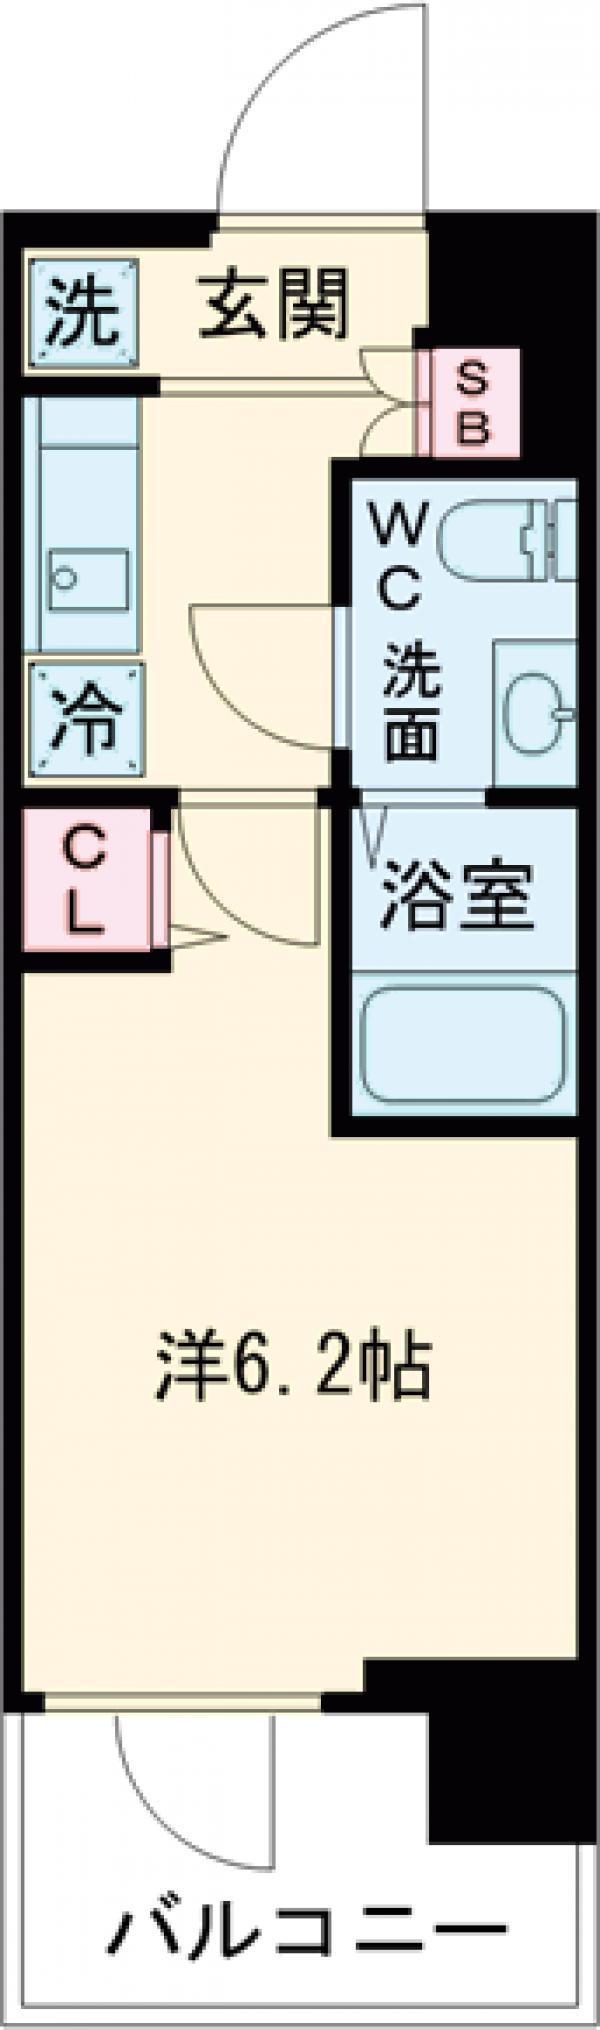 SHOKEN Residence亀有・1003号室の間取り